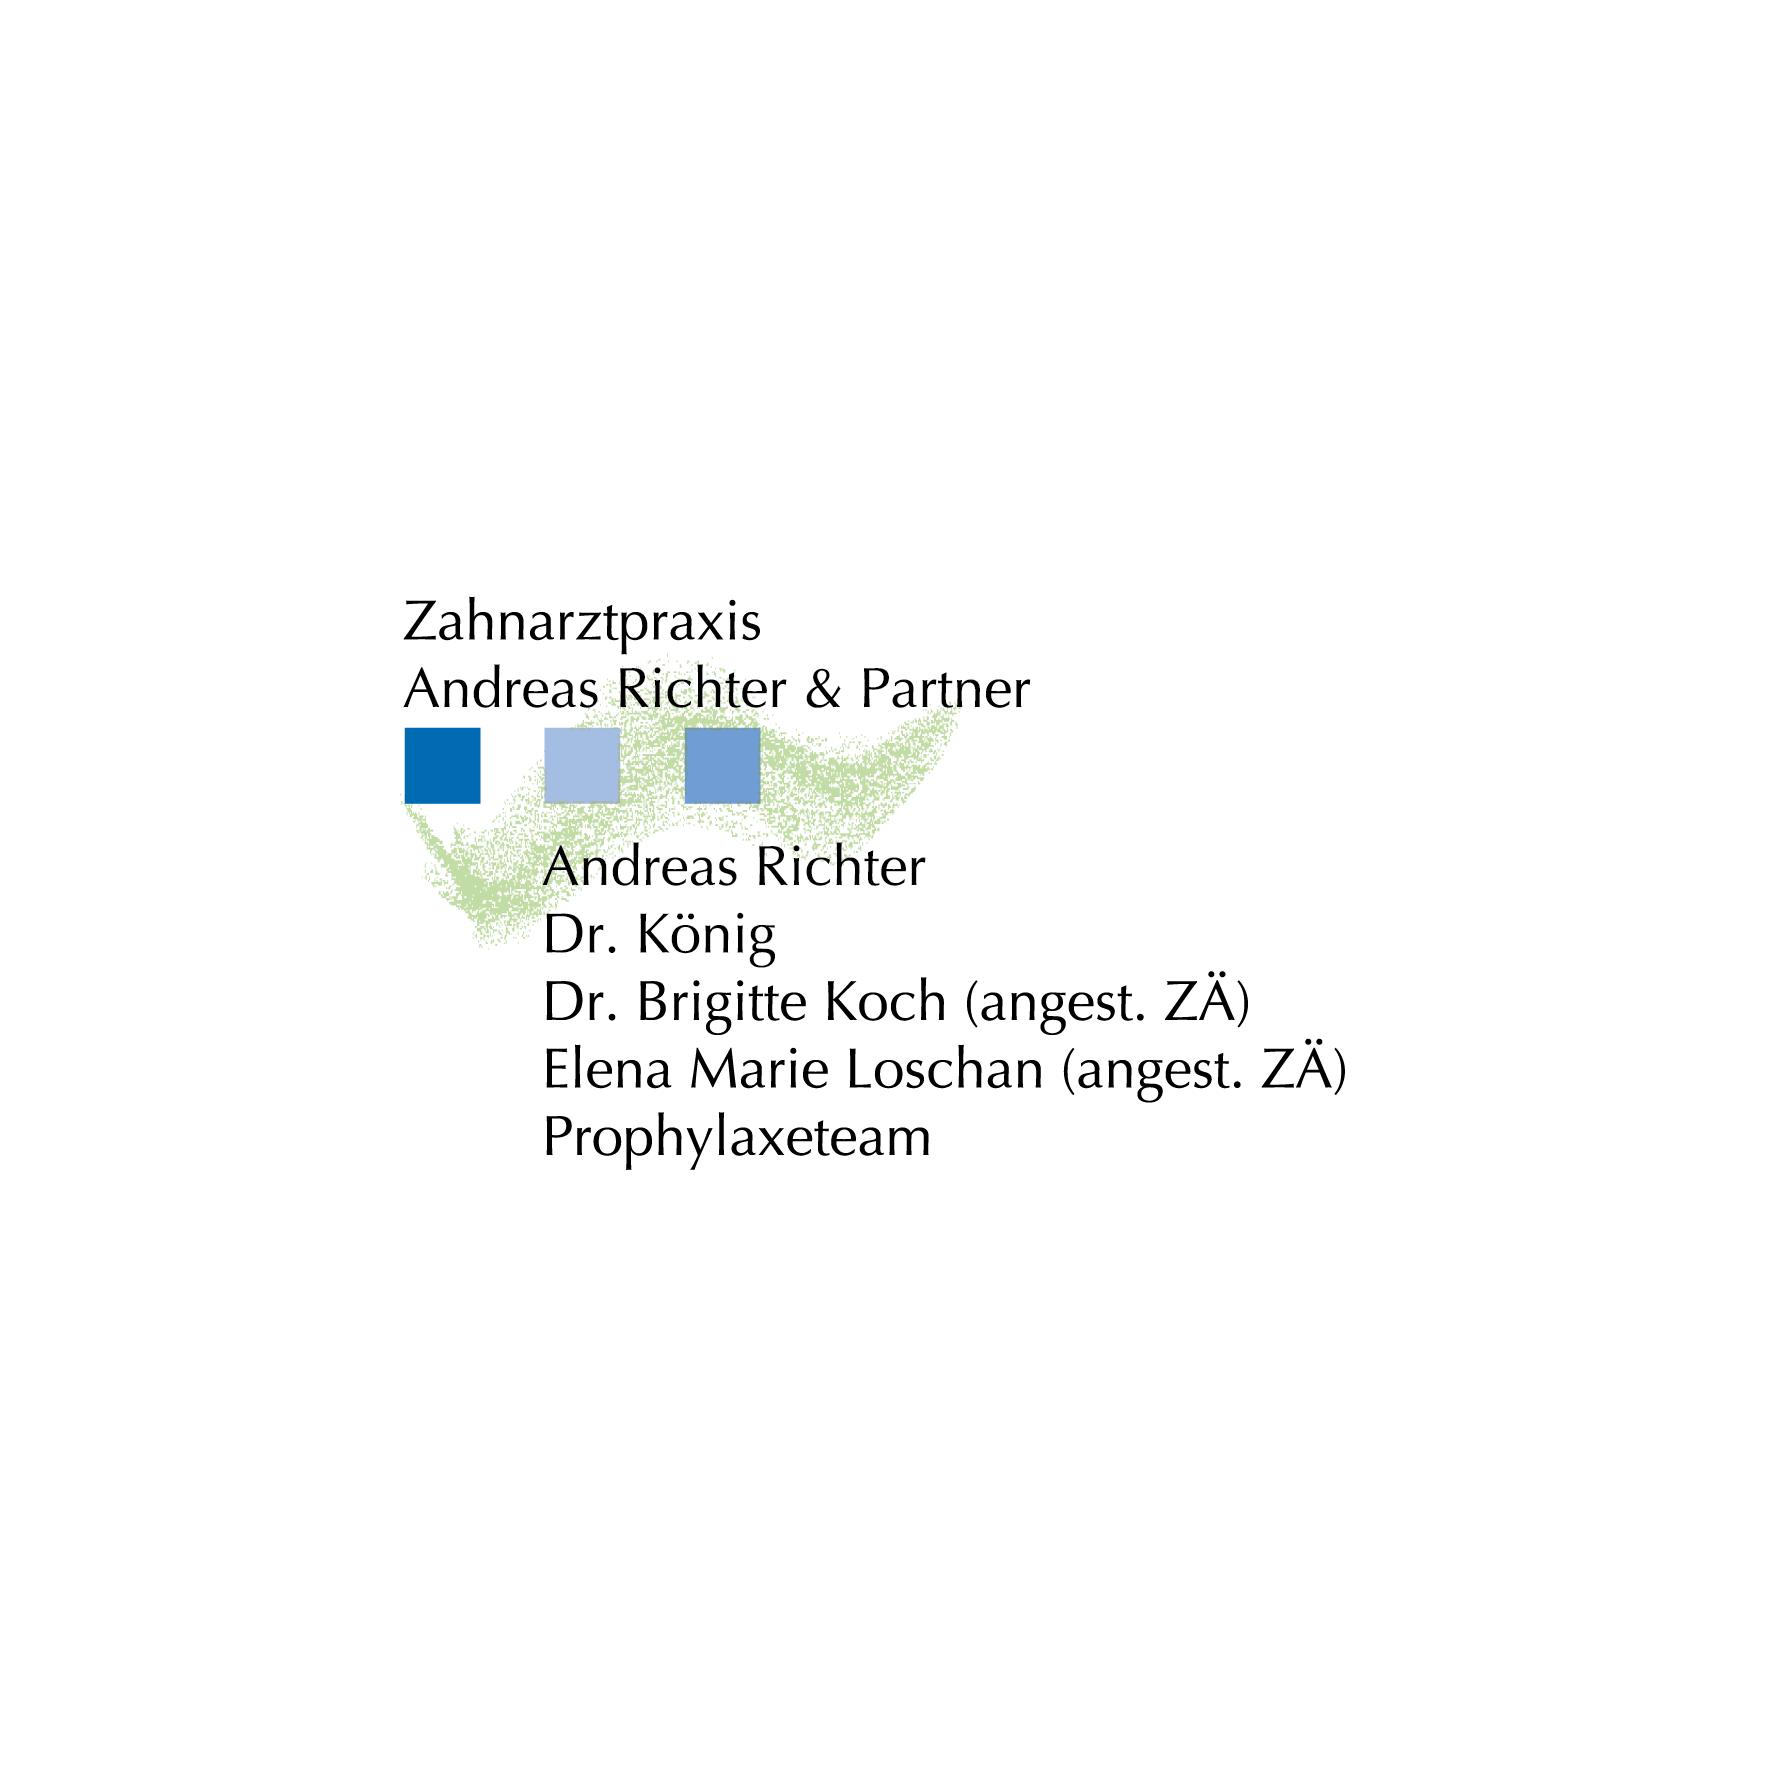 Bild zu Zahnarztpraxis Andreas Richter & Partner in Hannover